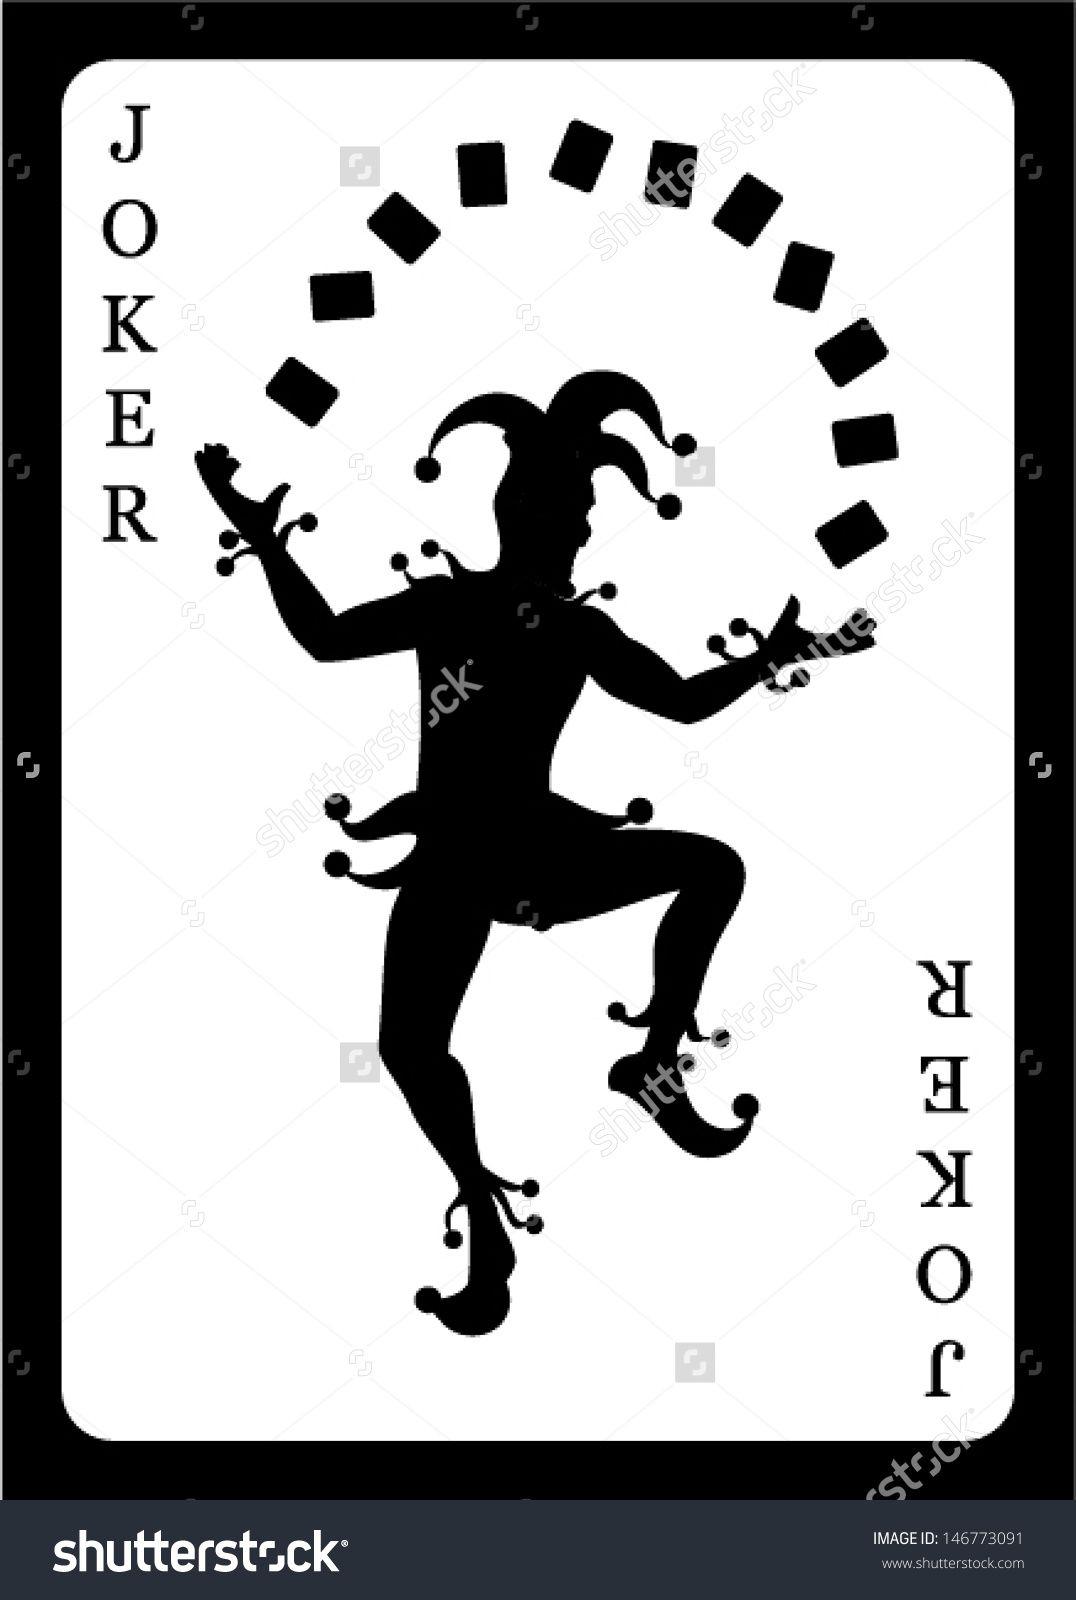 Joker Card. Vector Background. - 146773091 : Shutterstock Intended For Joker Card Template